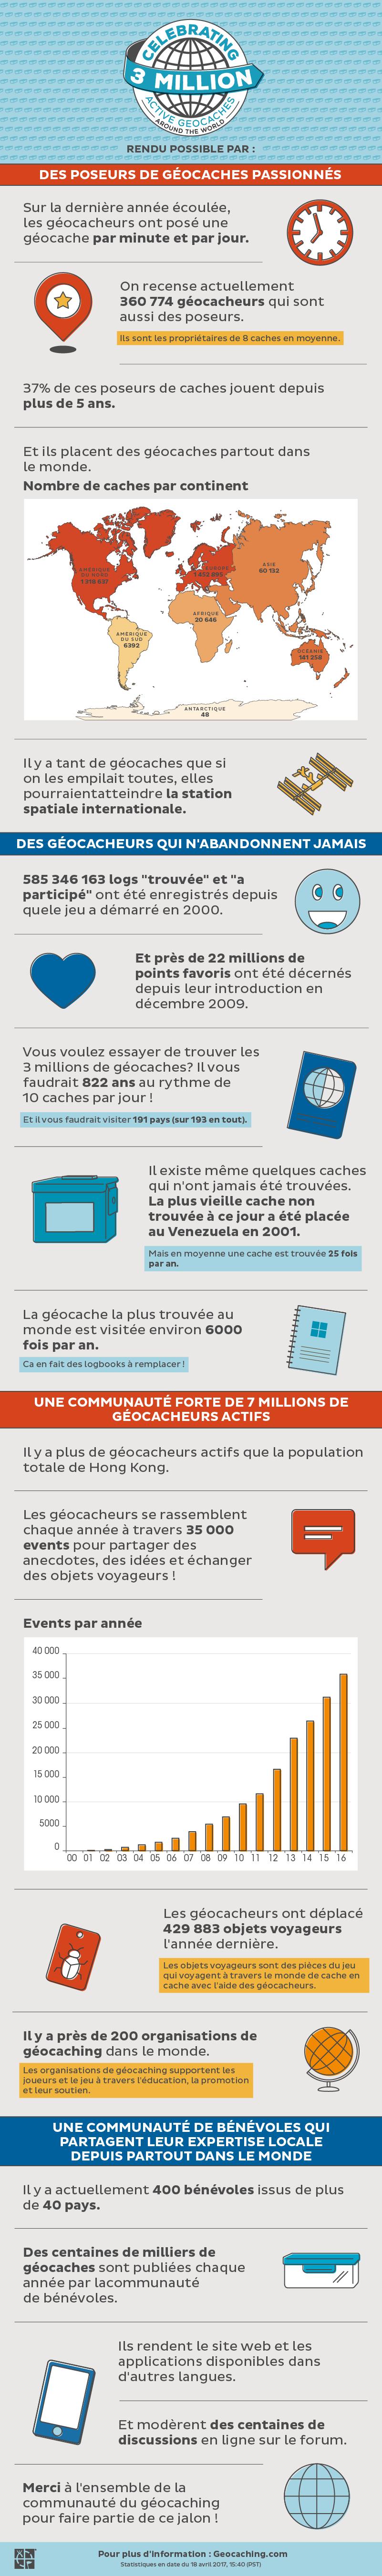 infographie 3 millions de caches